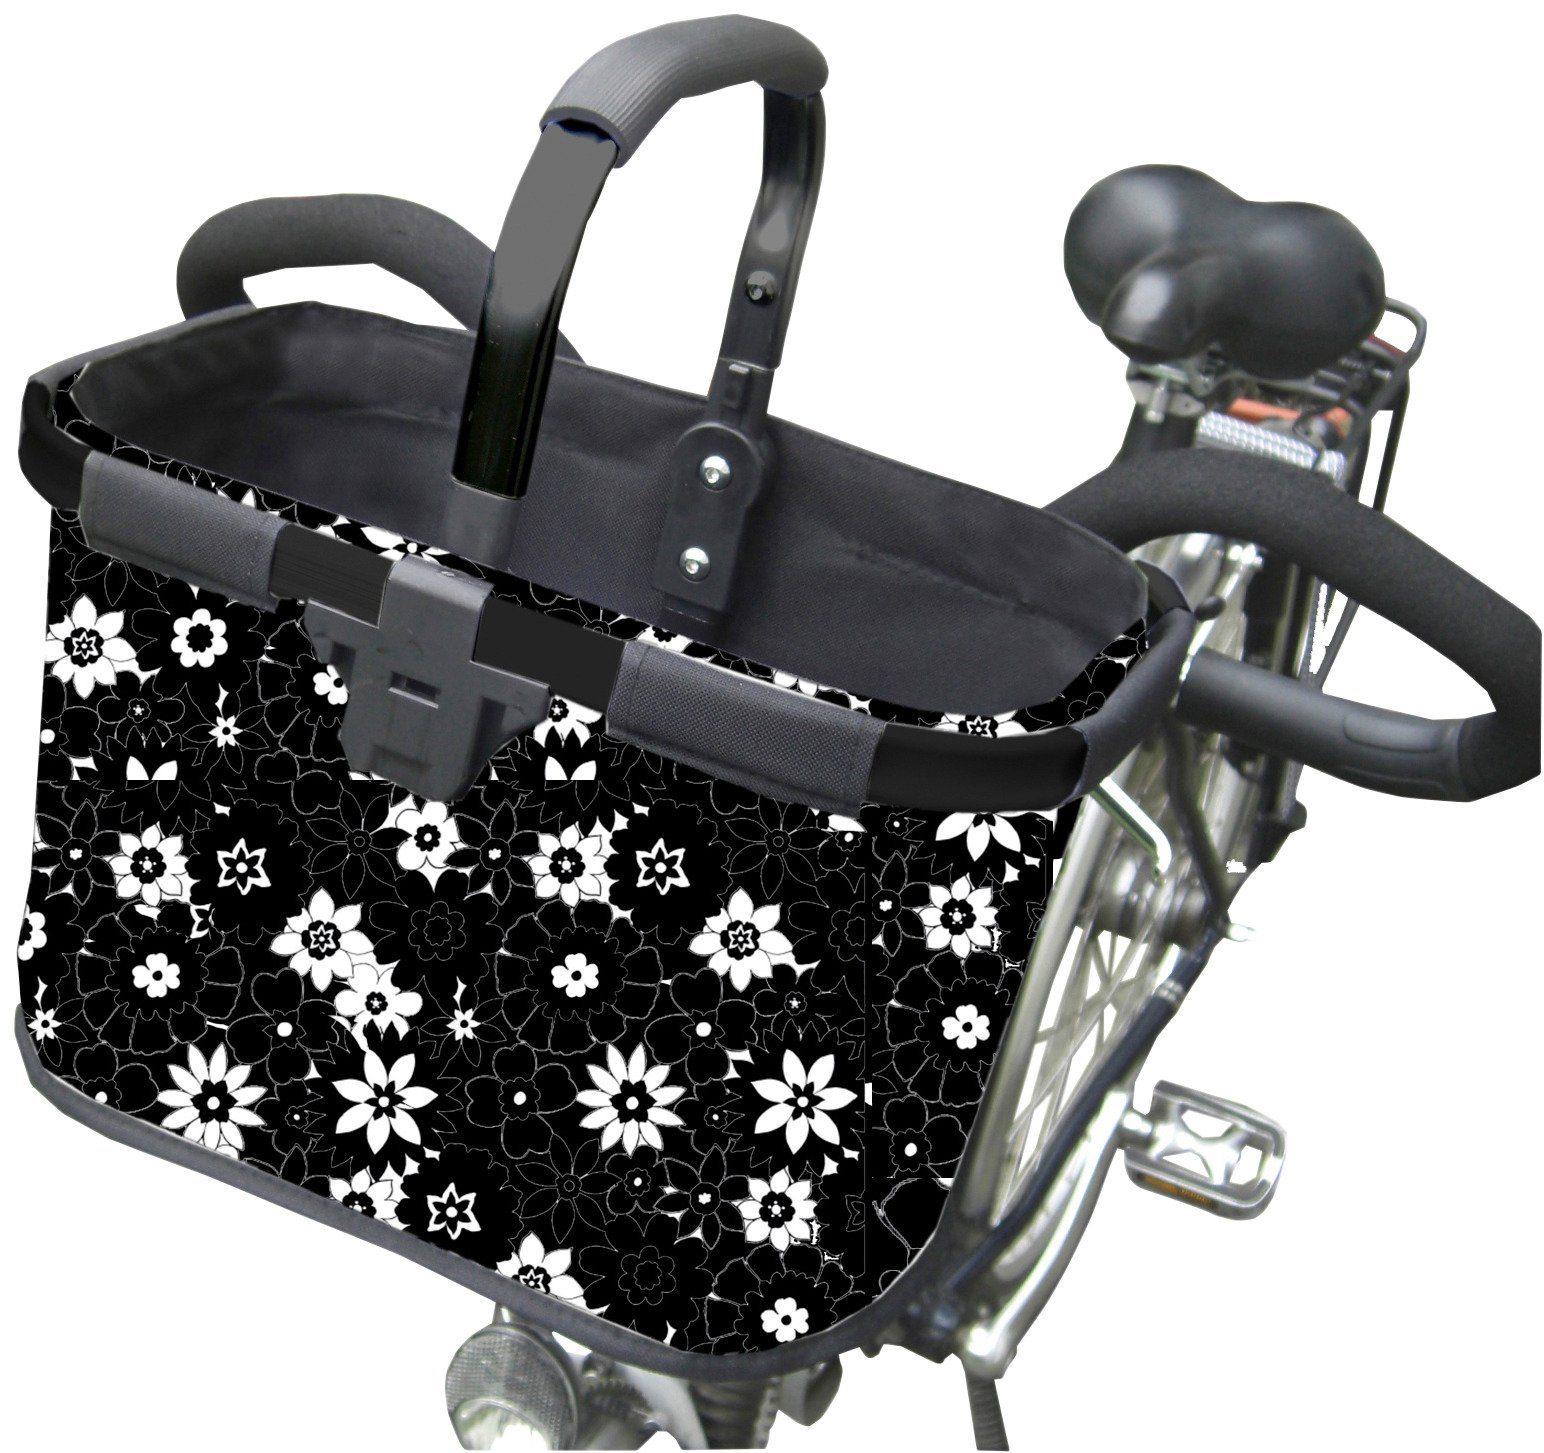 Fahrradkorb »Bike-Shopper 35, inkl. MTS-4 System«